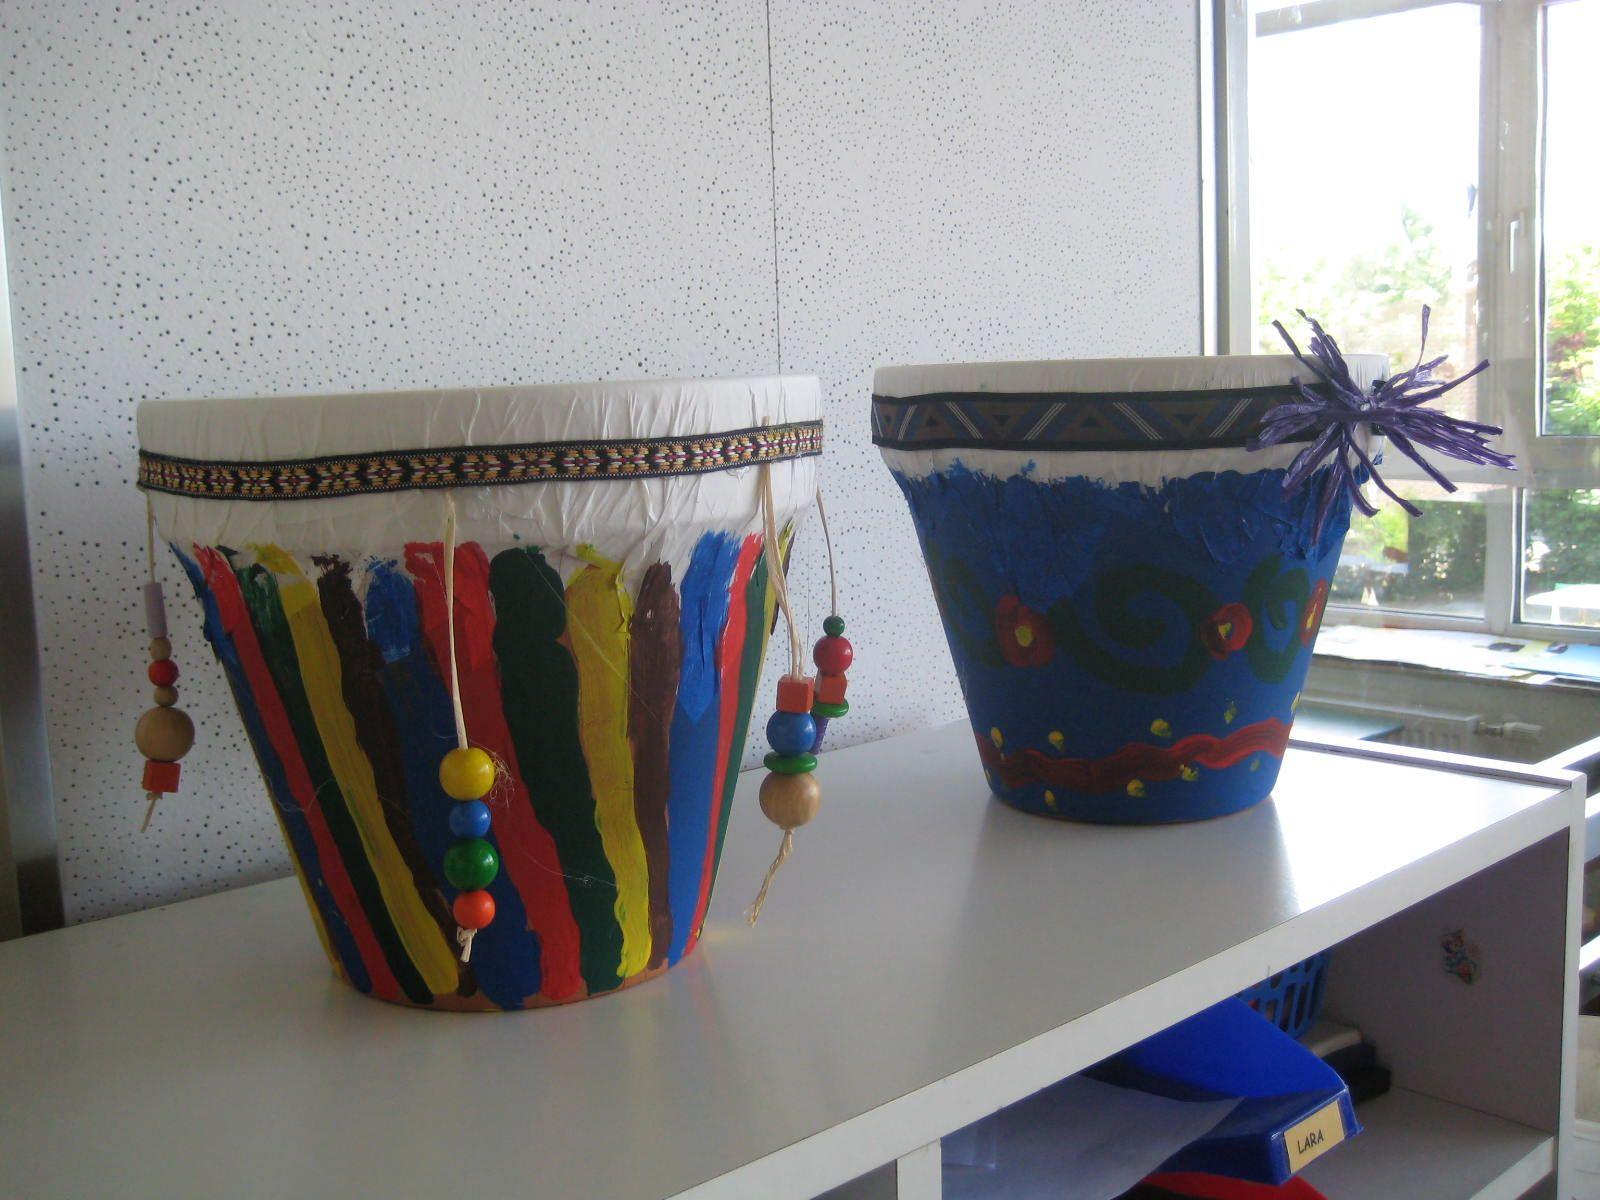 afrikanische trommeln basteln mit kids kreativ pinterest basteln instrumente basteln und. Black Bedroom Furniture Sets. Home Design Ideas